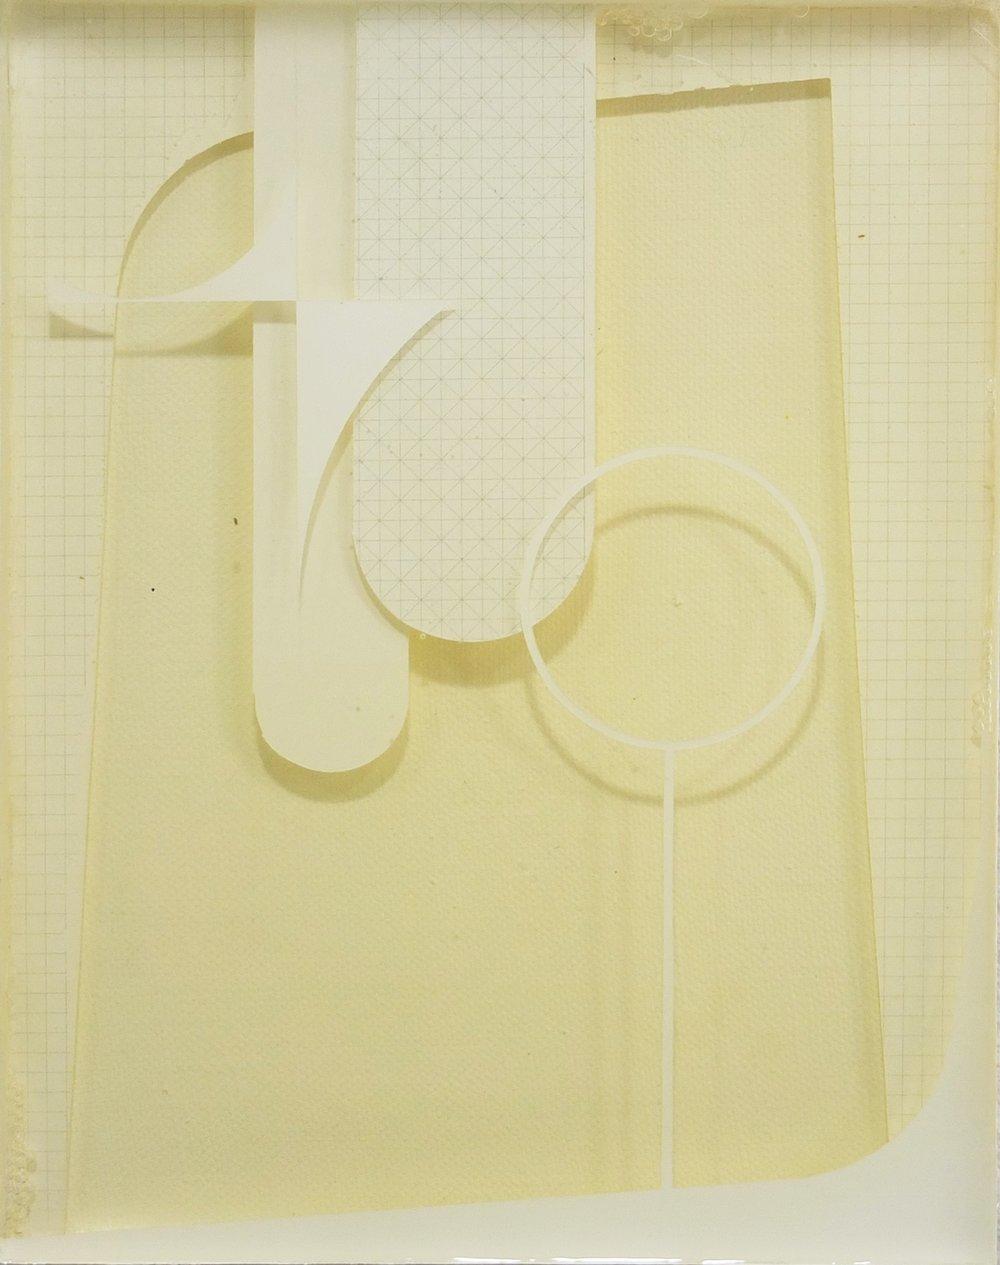 Sebastian Menzke, quiet 8-, 26 x 21 cm, Vinylfarbe, Transferdruck und Gießharz auf Leinwand geschichtet, Kunstsammlung Neubrandenburg